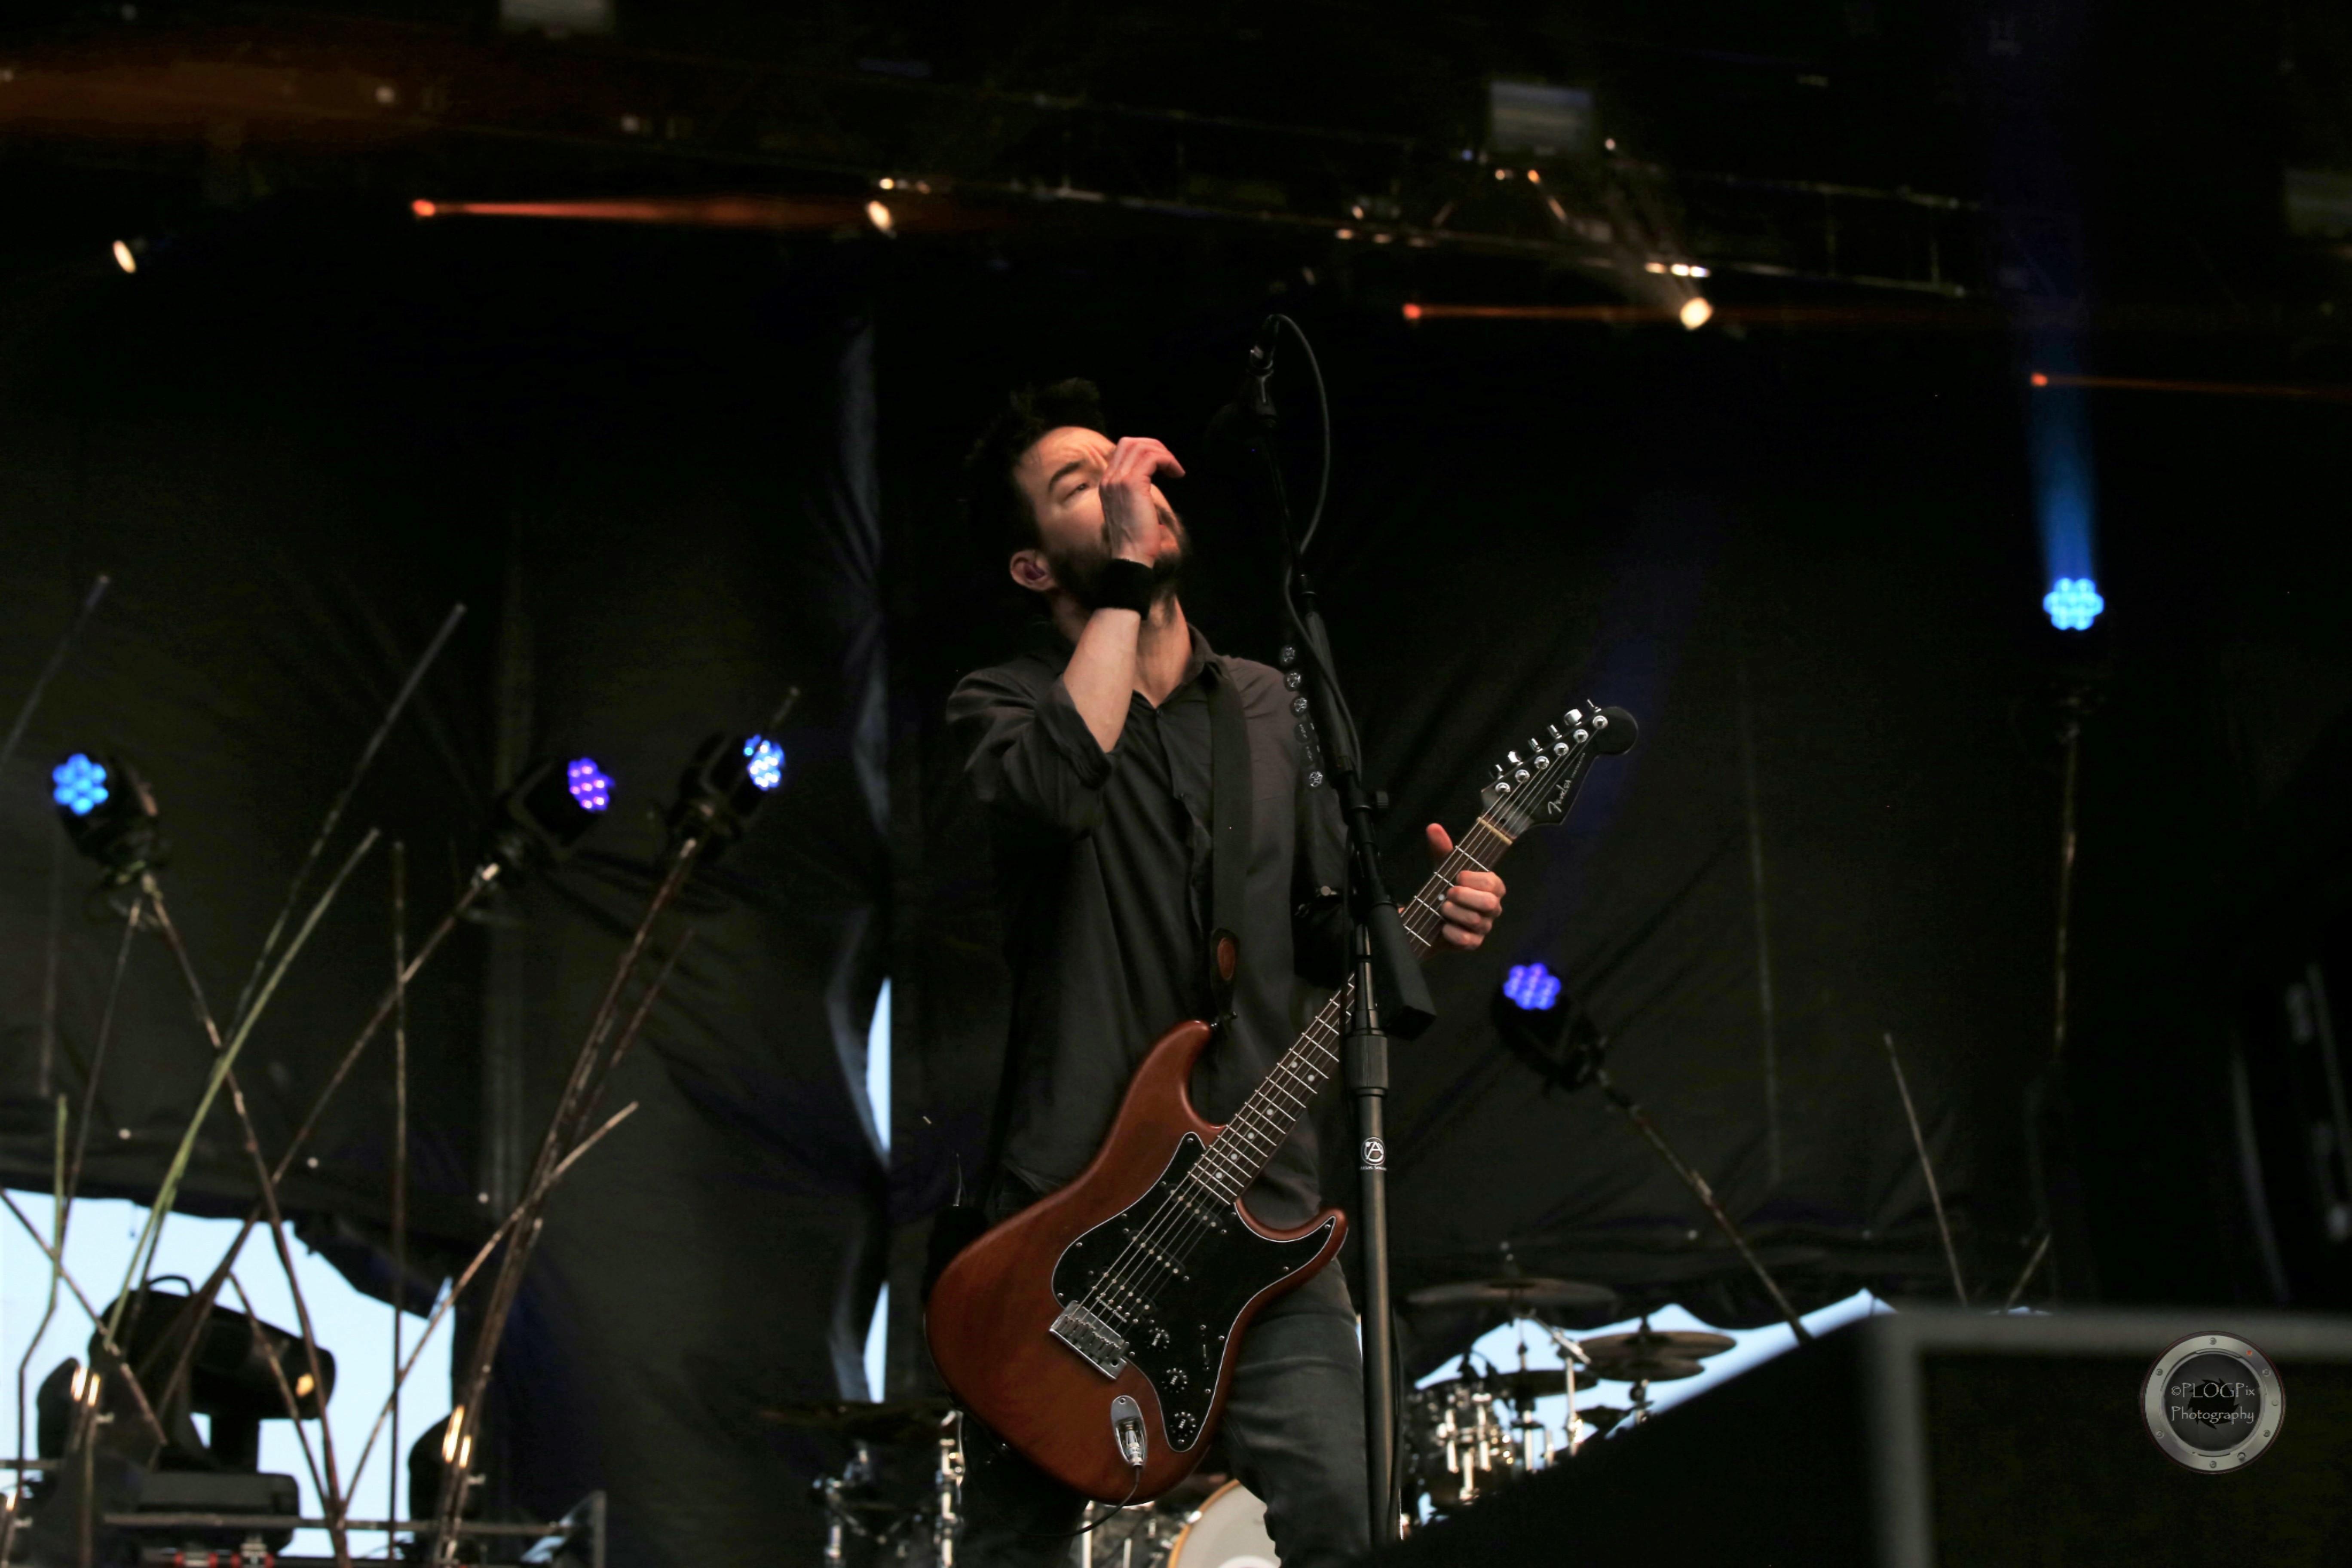 Pete - Chevelle